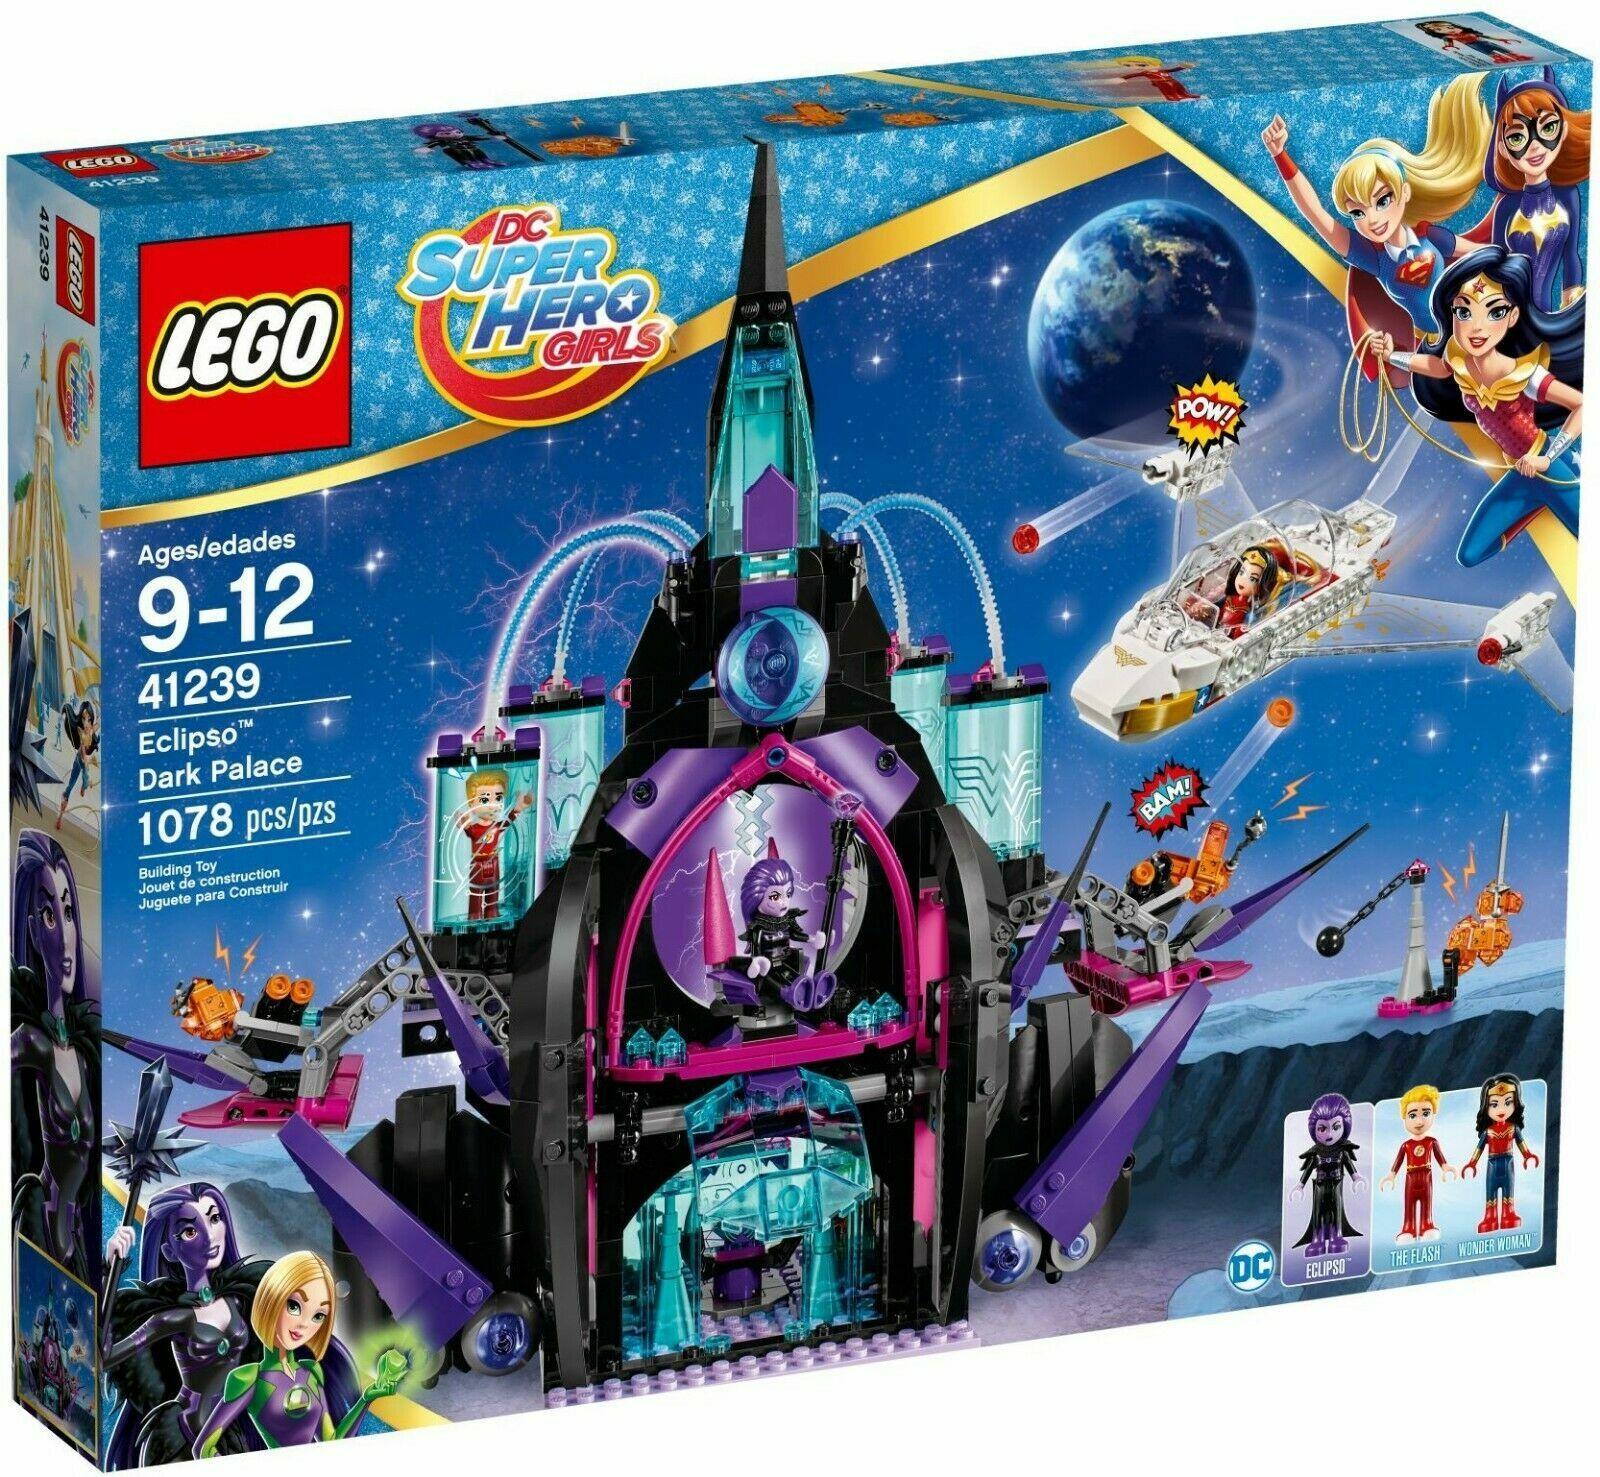 alto sconto LEGO 41239 DC SUPER HEROES HEROES HEROES GIRLS IL PALAZZO OSCURO  ECLIPSO GIU 2017  all'ingrosso economico e di alta qualità